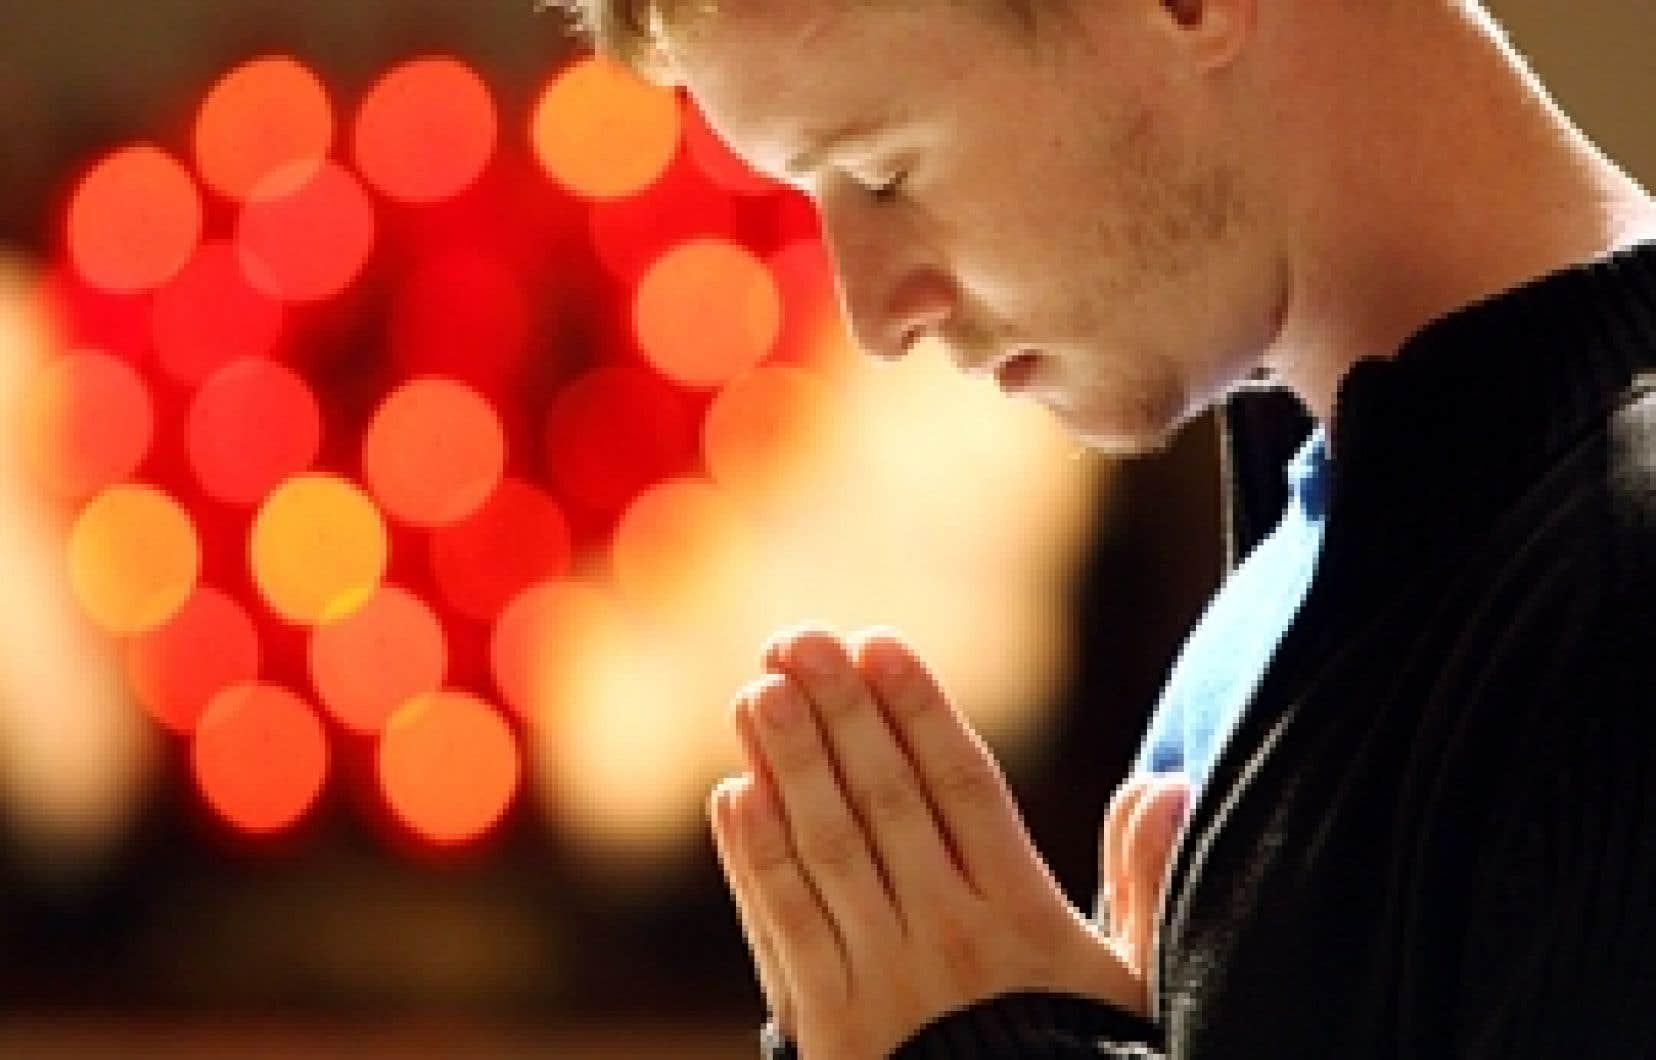 Sébastien Lévy s'est accordé un moment de recueillement hier après-midi, à la cathédrale Marie-Reine-du-Monde, à Montréal.